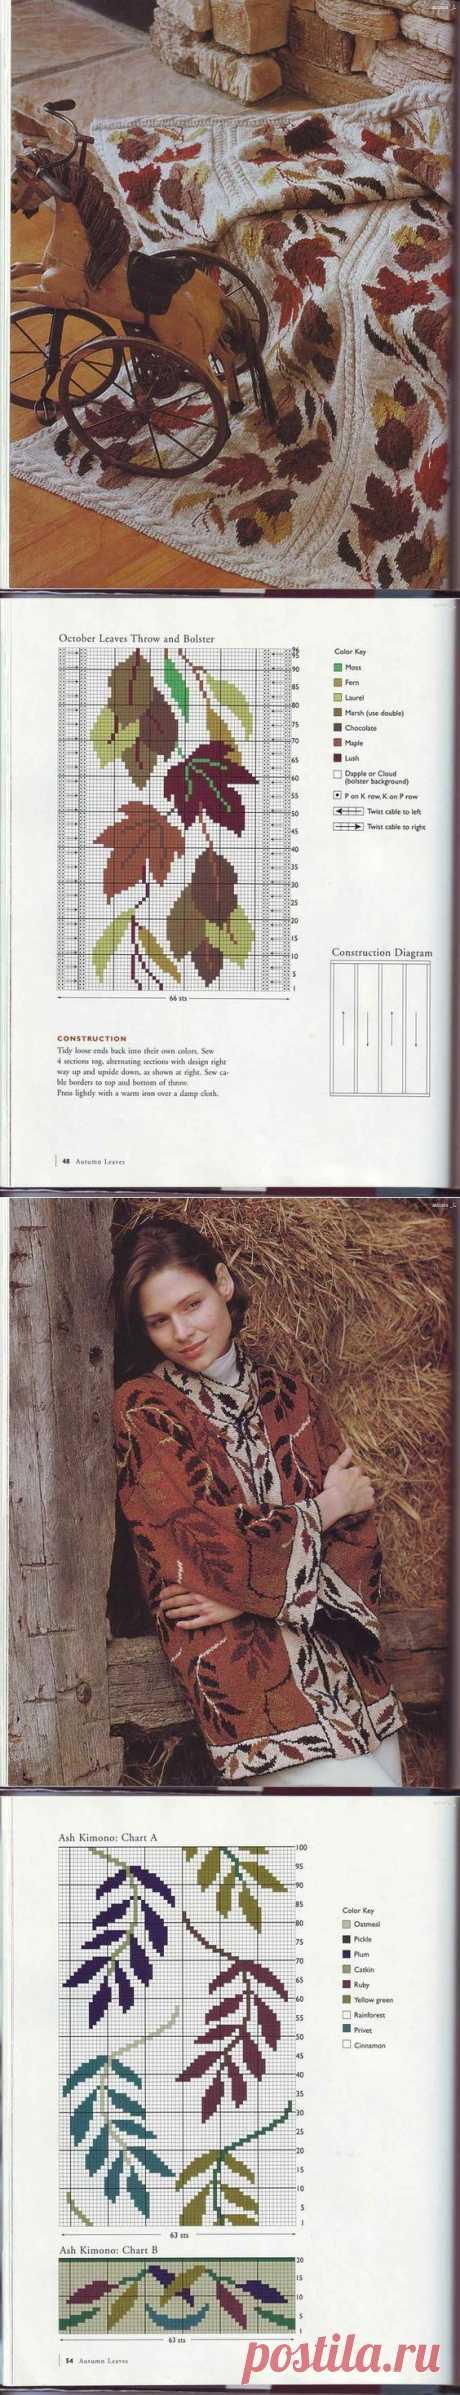 (111) Журнал «Sasha Kagan's Country Inspiration» . | вязание(жаккард,вышивка) | Постила | Схемы